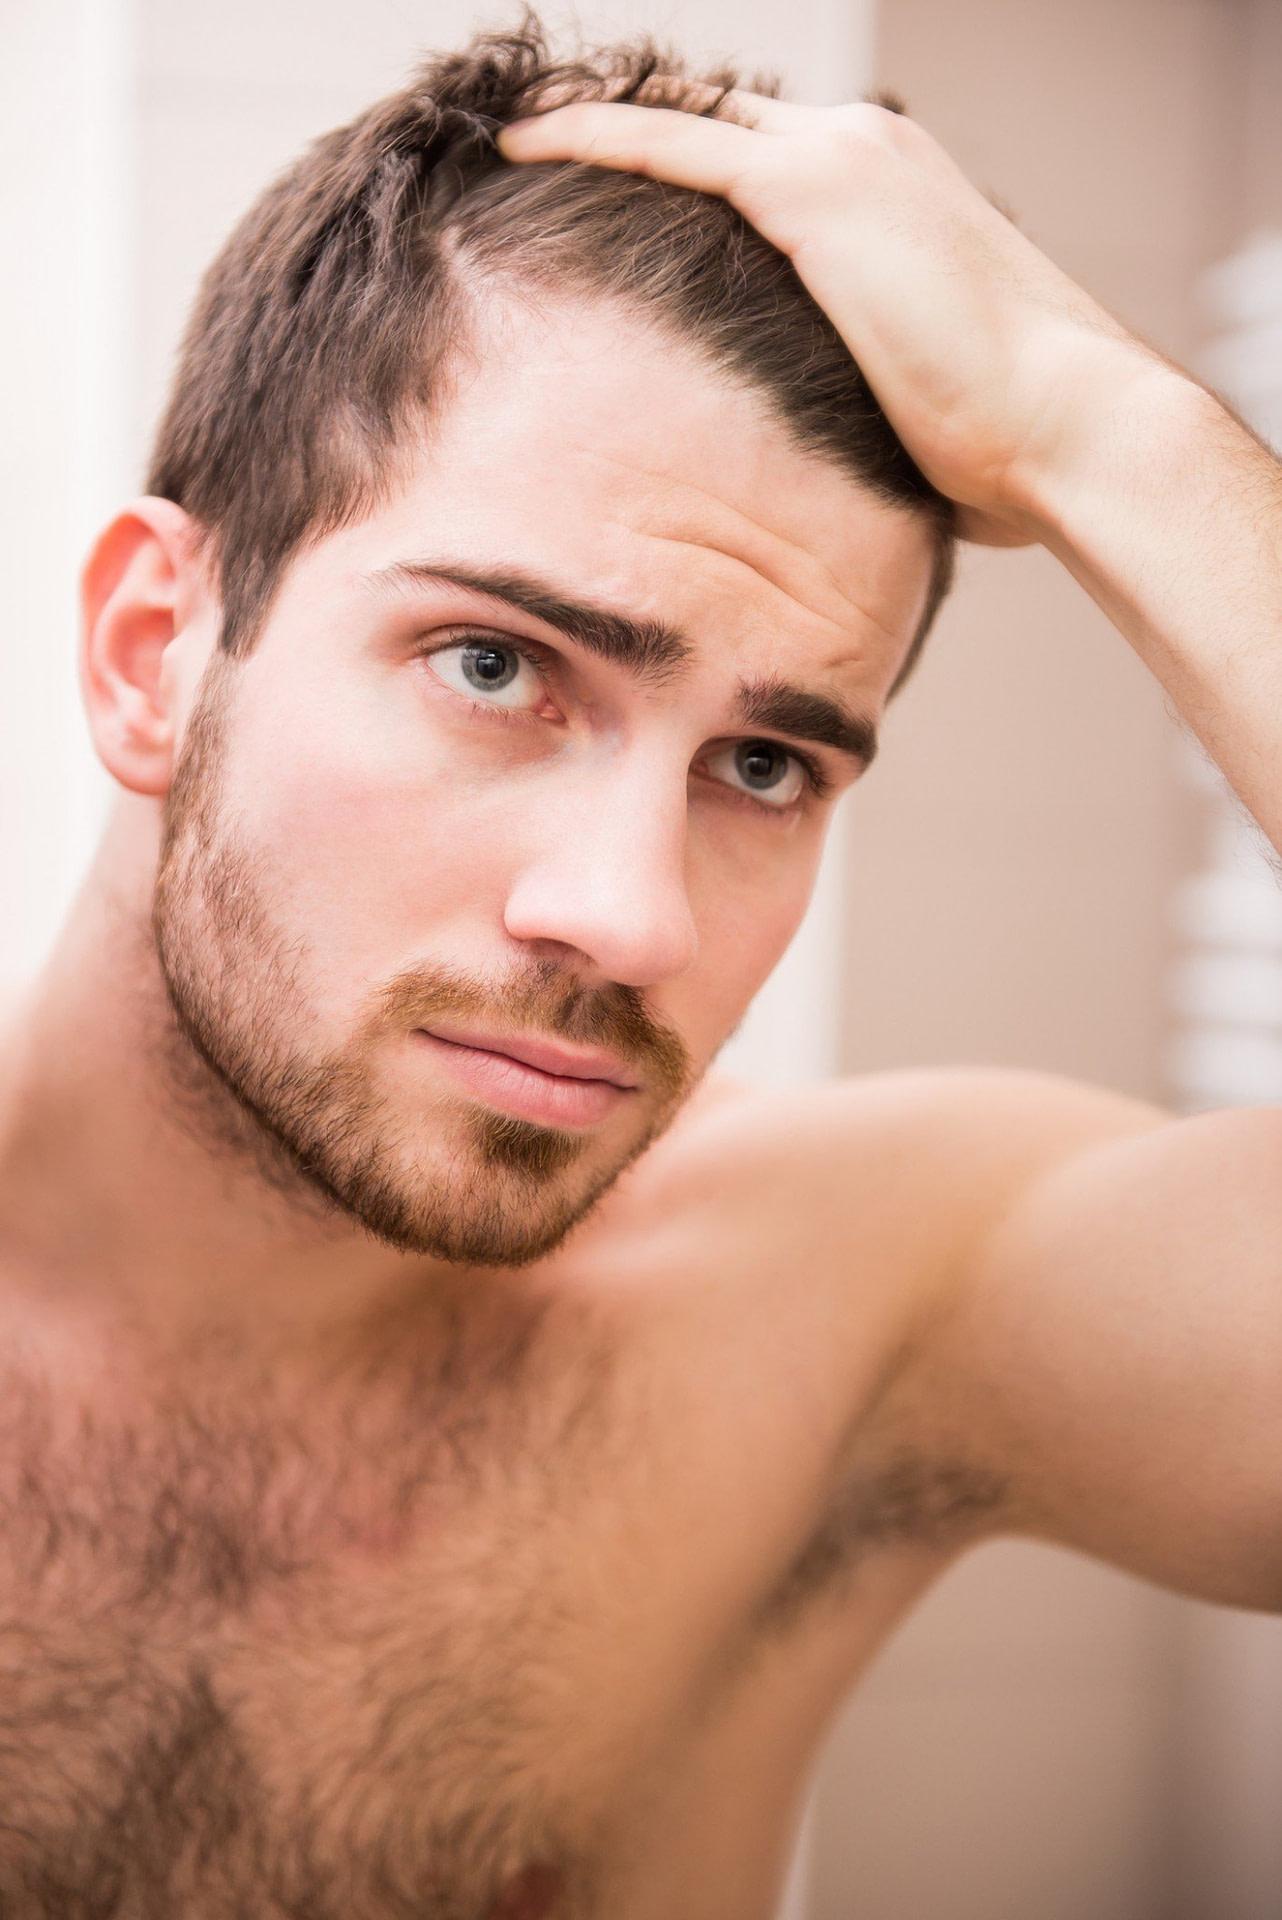 Nach Oben Coole Frisuren Graue Haare Männer Ideen - Männer